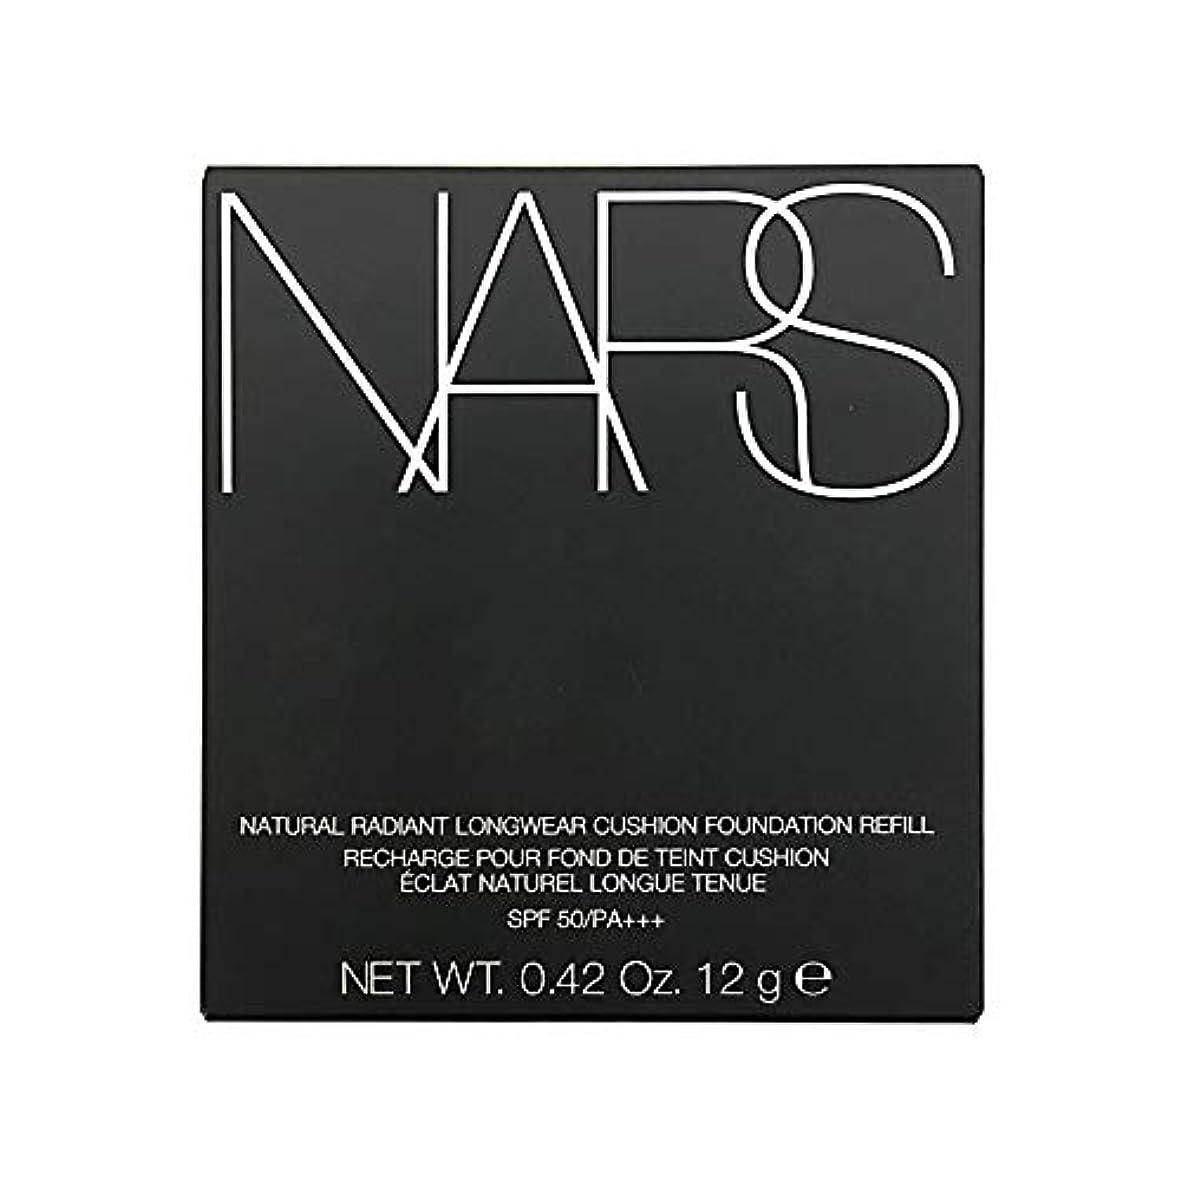 ウミウシおなじみの巨大なナーズ/NARS ナチュラルラディアント ロングウェア クッションファンデーション(レフィル)#5880[ クッションファンデ ] [並行輸入品]